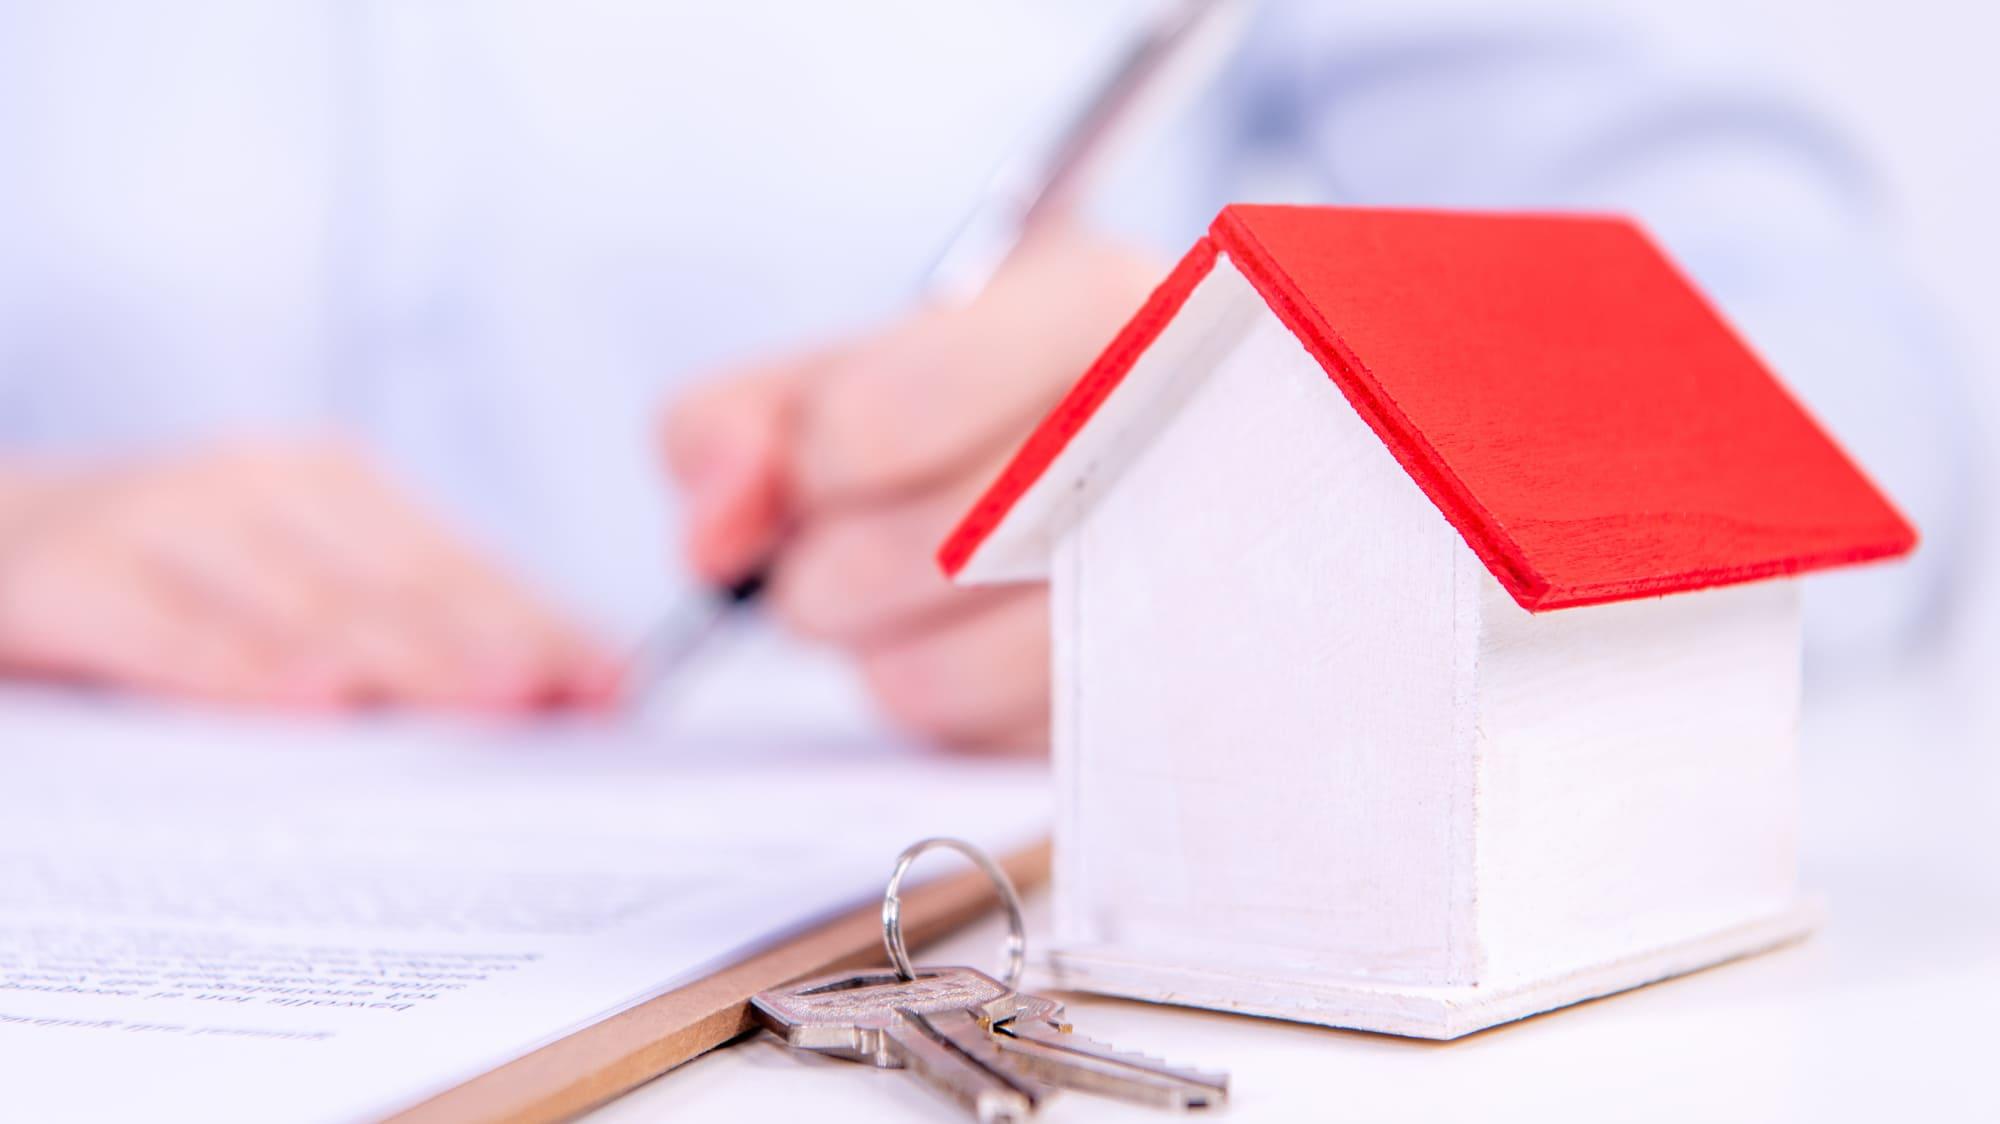 パートタイマーは住宅ローンを組みにくい?利⽤のポイントと注意点